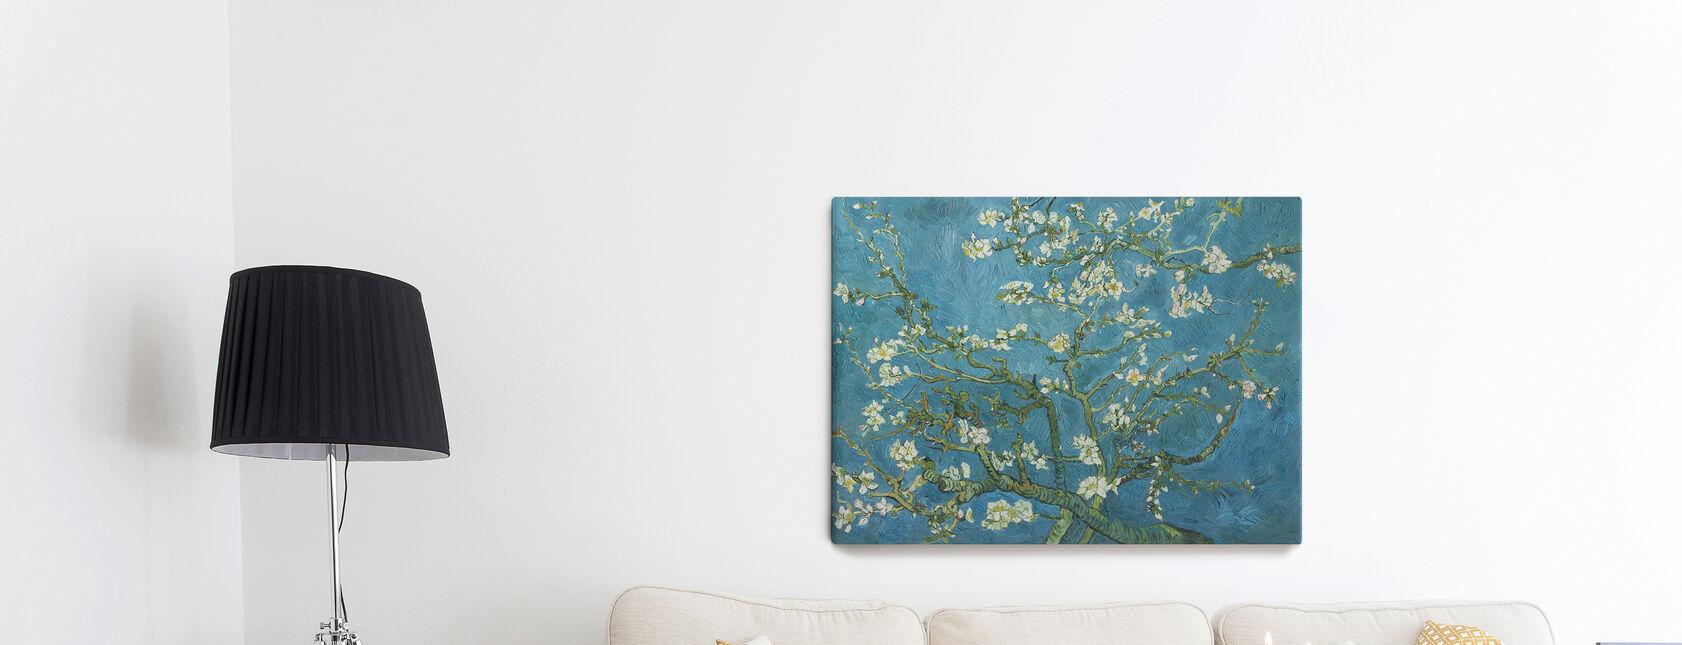 Schilderijen met olie- & acrylverf